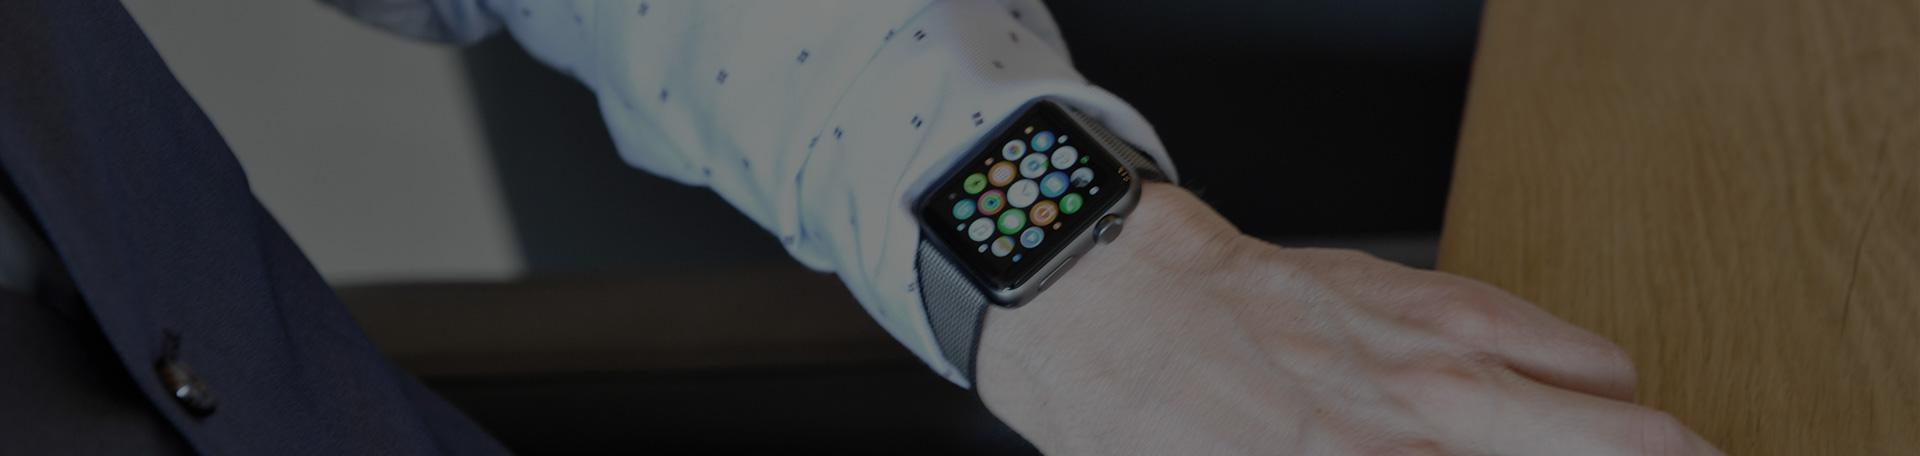 slimme horloge gekoppeld met domotica